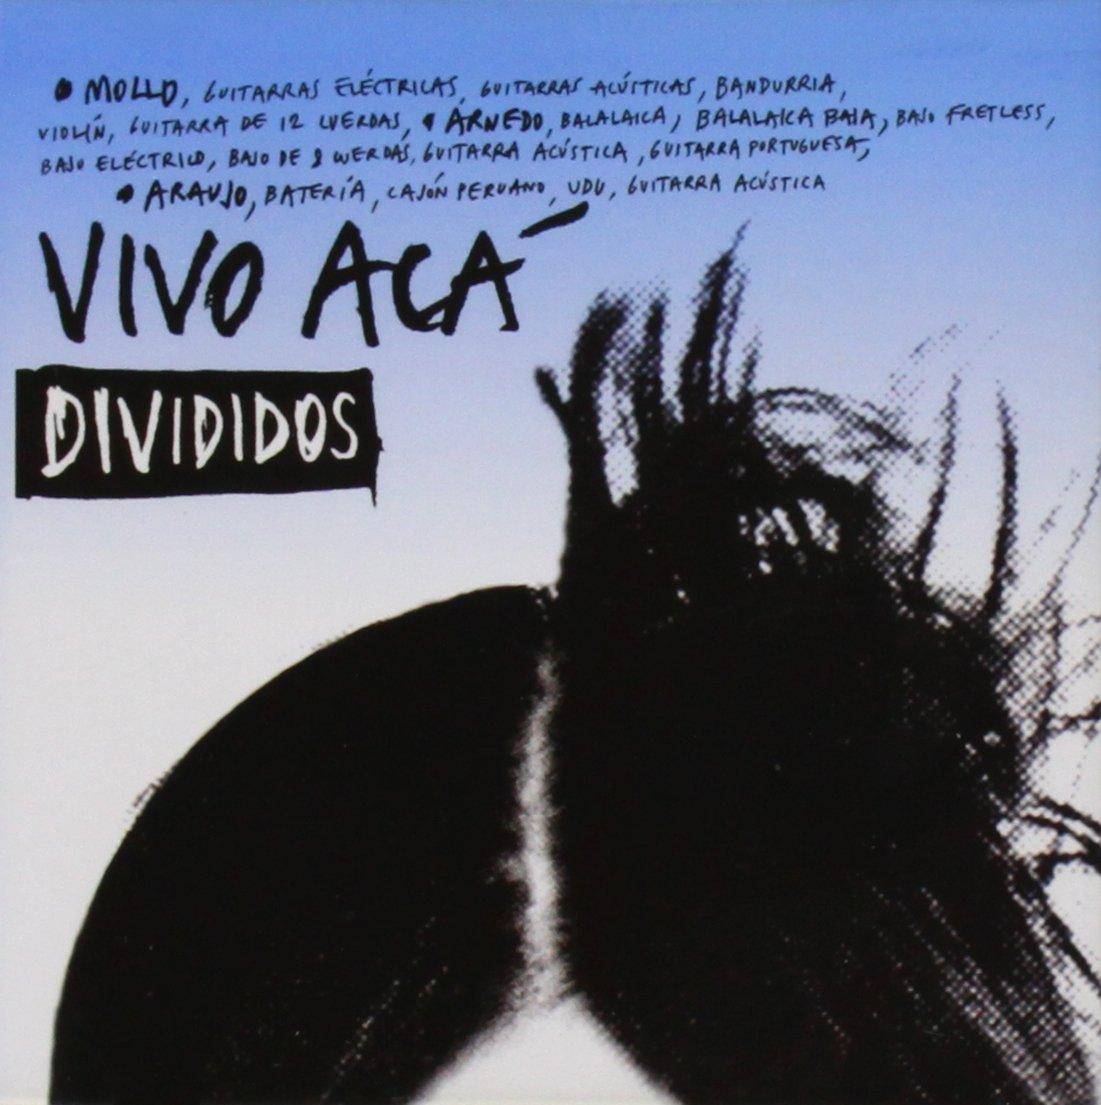 Vivo Aca: Divididos: Amazon.es: Música